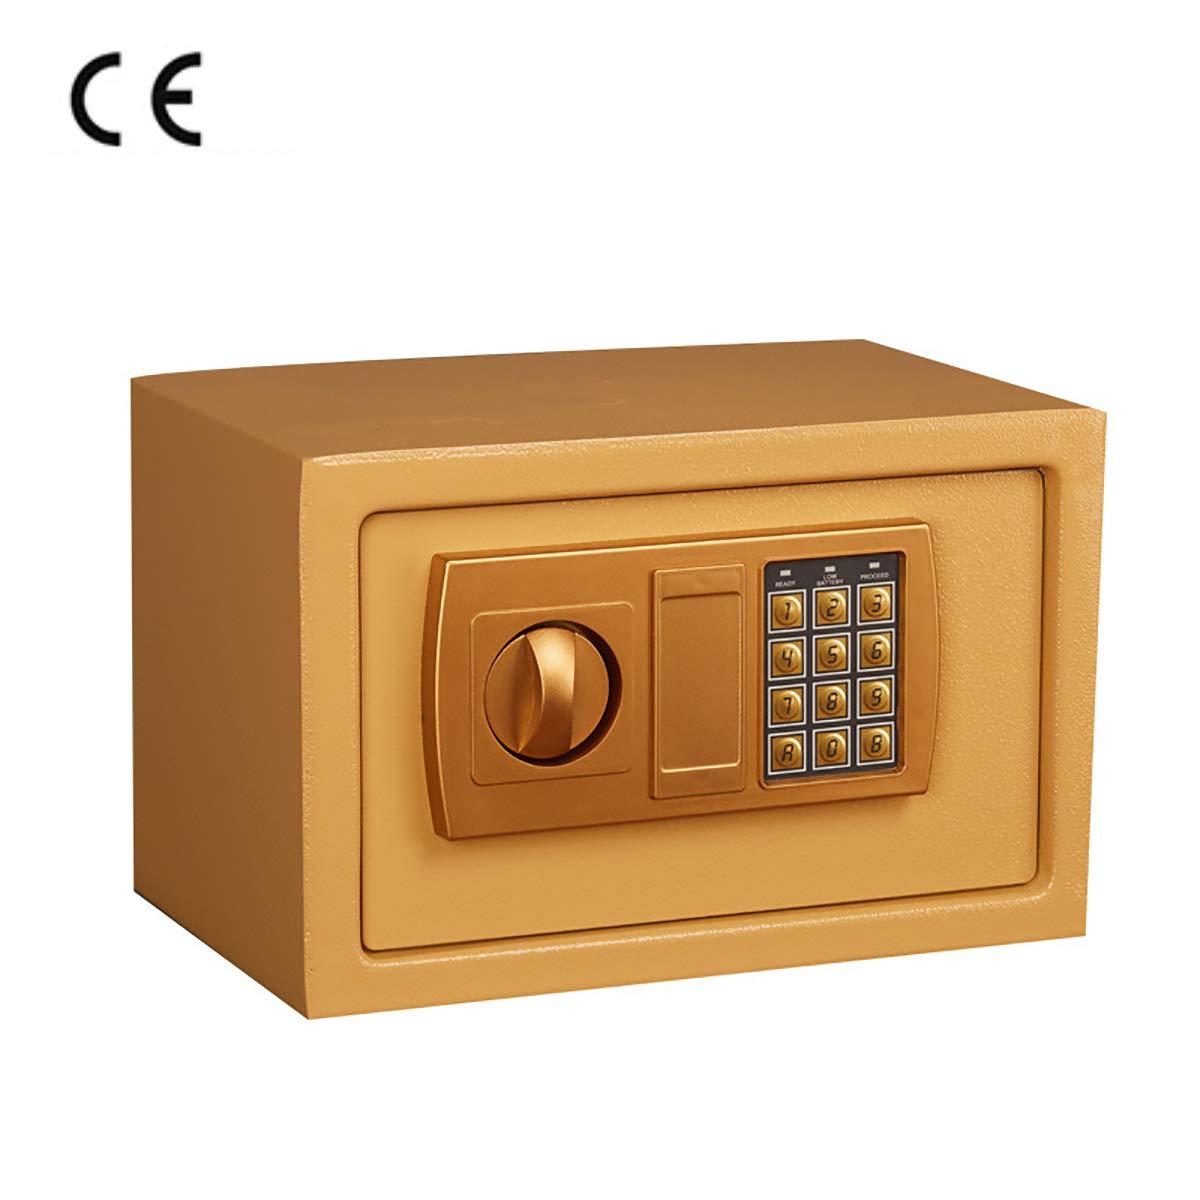 Petit Coffre-Fort pour Mot de Passe /électronique syst/ème dalarme MIAOBX Coffre-Fort /électronique dor/é-Coffres-forts